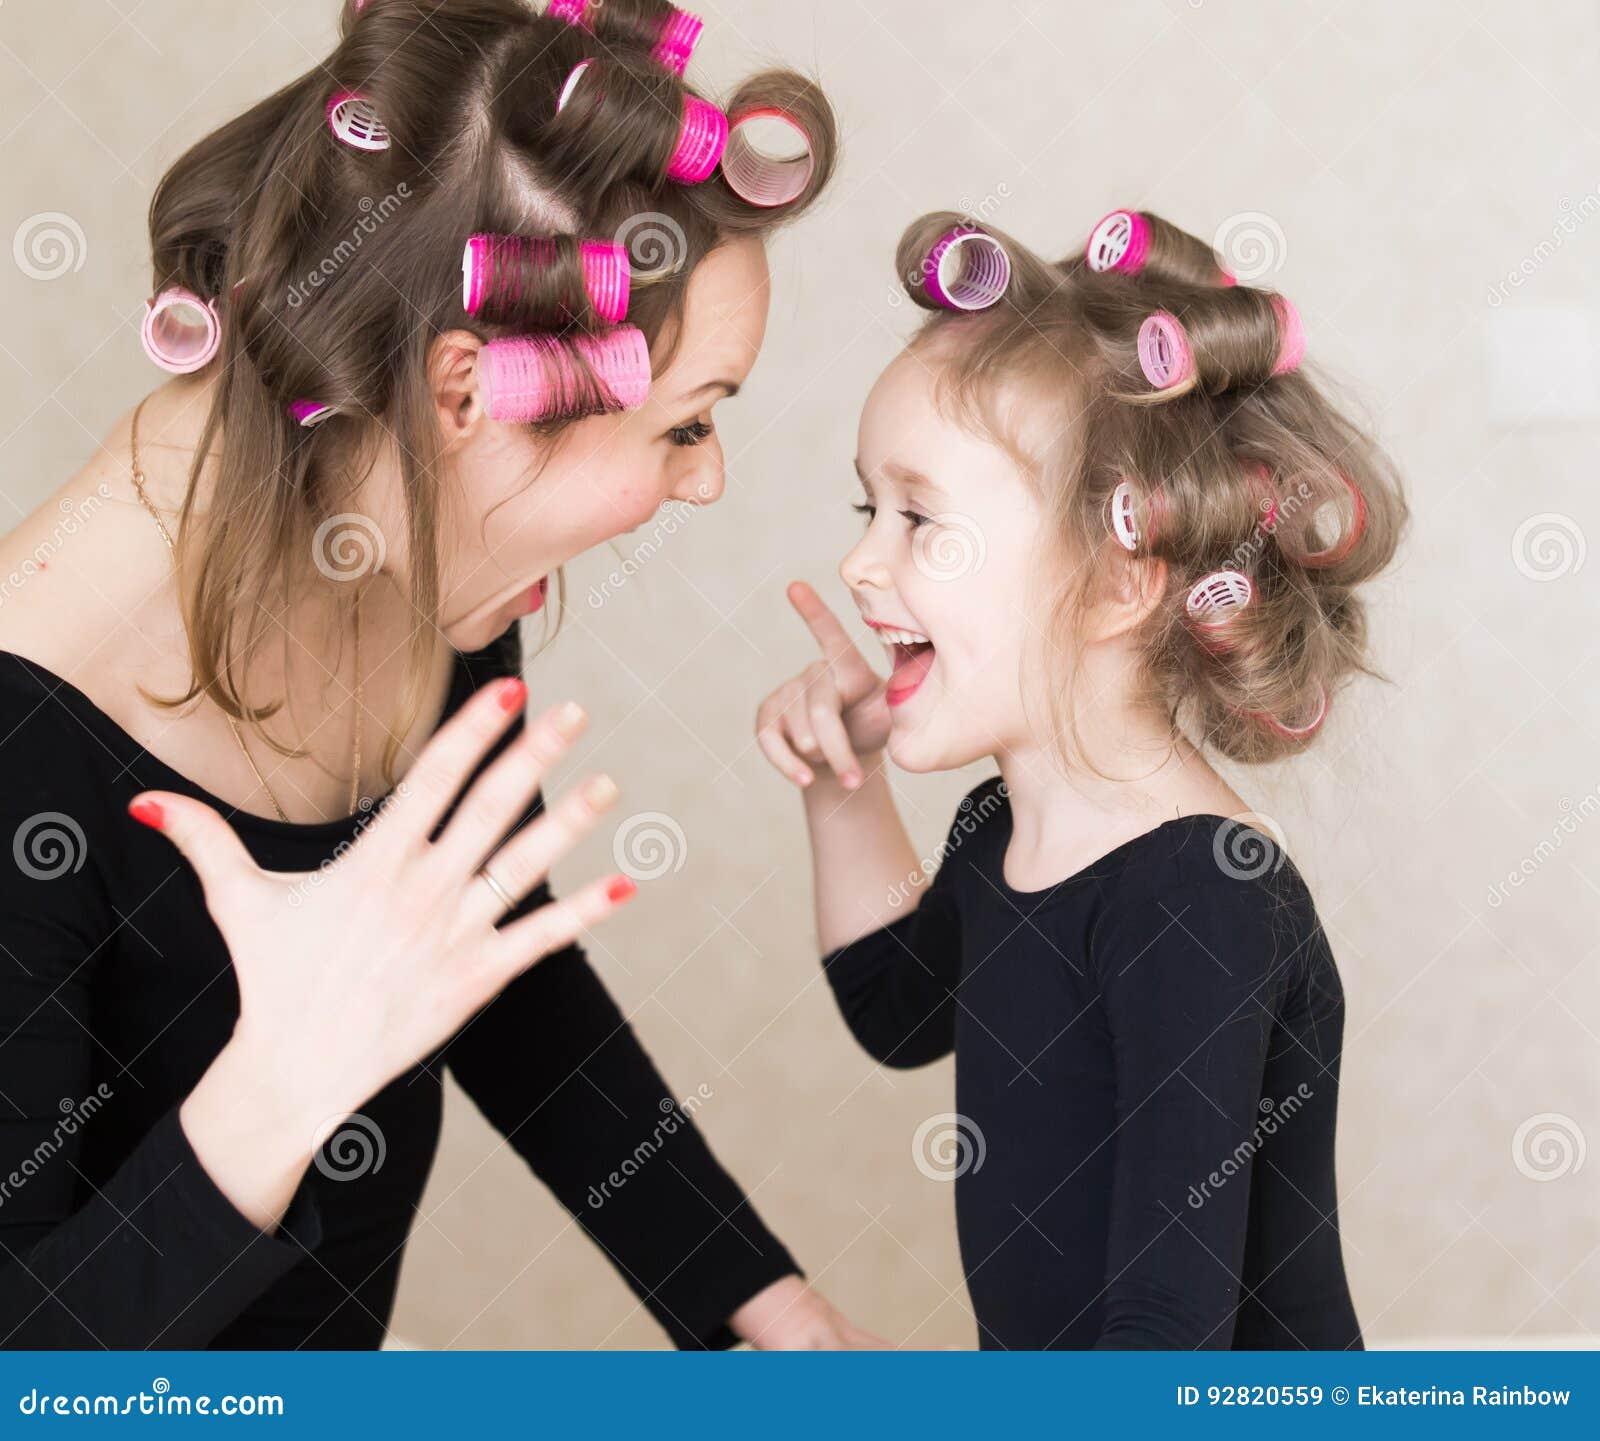 vêtements pleurant petite de La de Verticale d'amusement a le longs fille et rouleau de sous combies bigoudis visage femme robe cheveux belles de noire g18gS